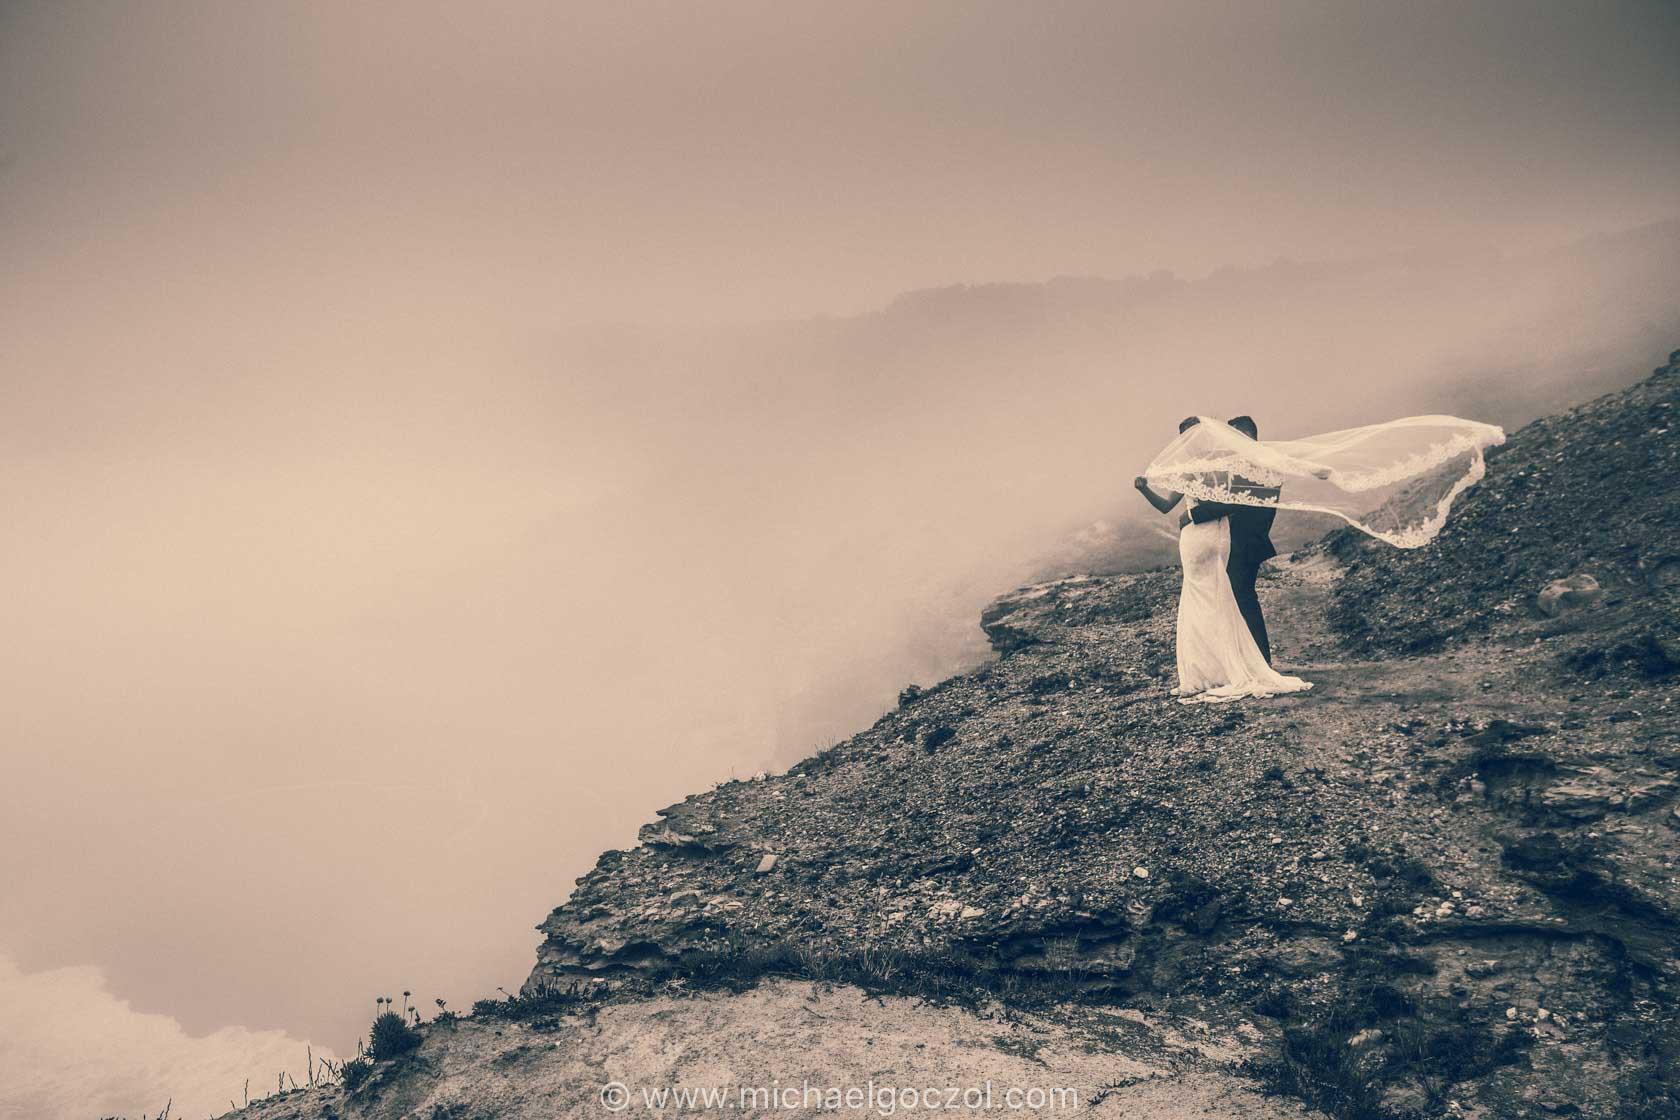 Strandhochzeit-hochzeit-am-meer-hochzeitsfotografie-frankfurt-hochzeitsfotograf-portugal-strandlocation-nazare-trauung-am-strand-hochzeitsfotos-hochzeitsbilder-weddingphotographer-casadapraia-00025